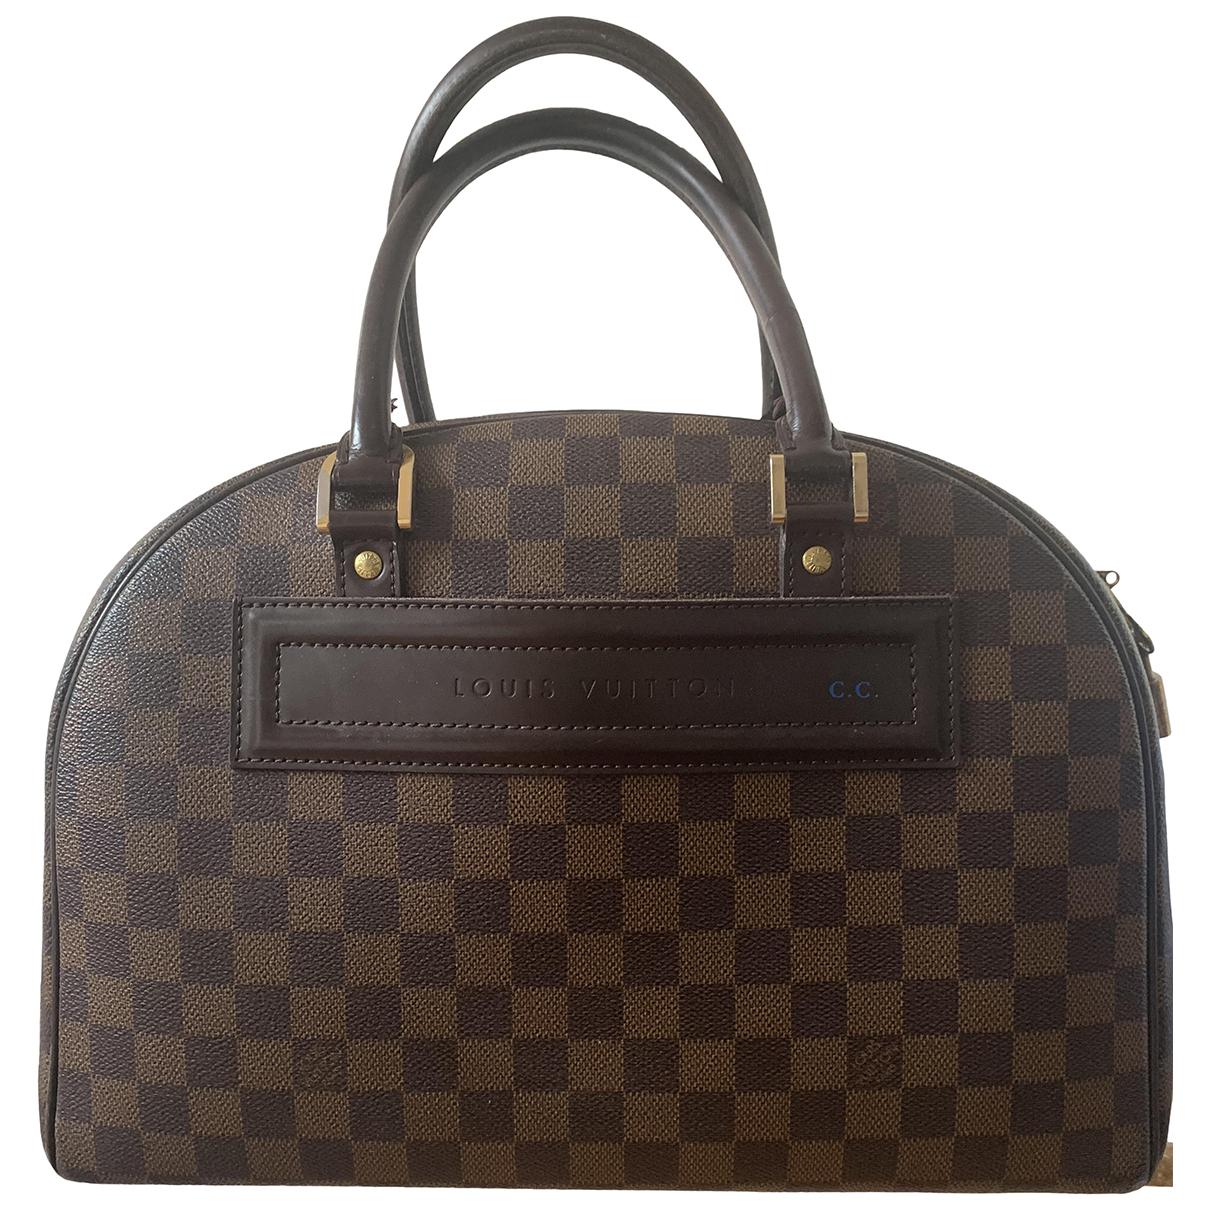 Louis Vuitton Nolita Handtasche in Leinen